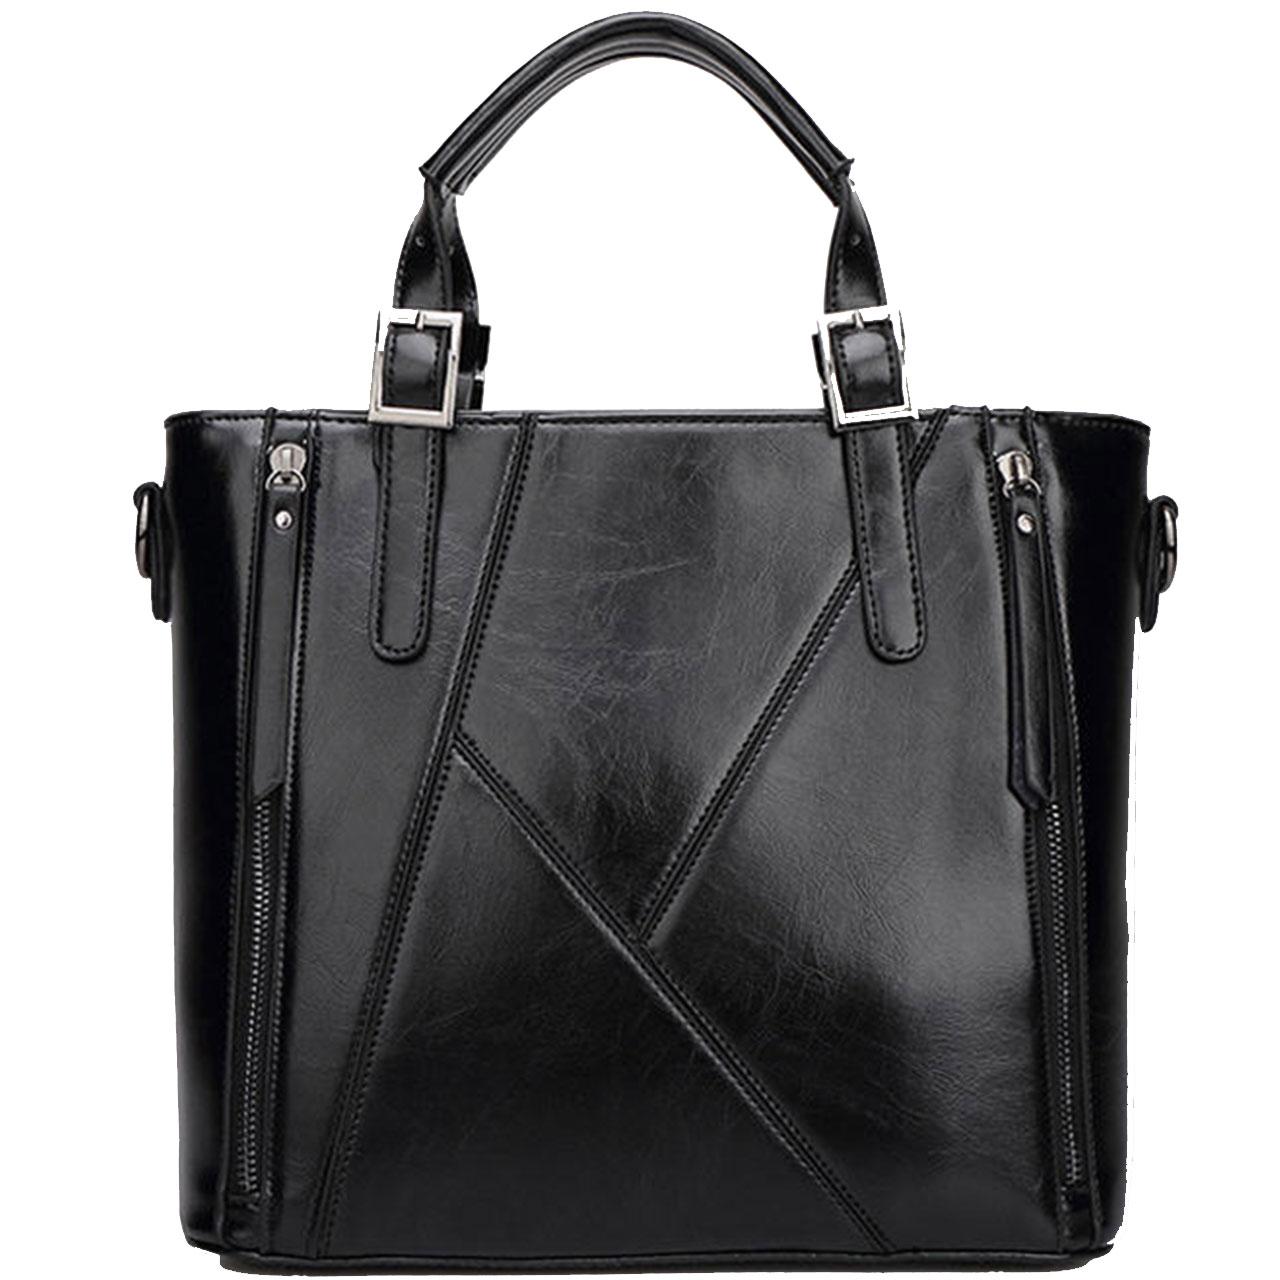 کیف زنانه مدل LH2-16003-Black